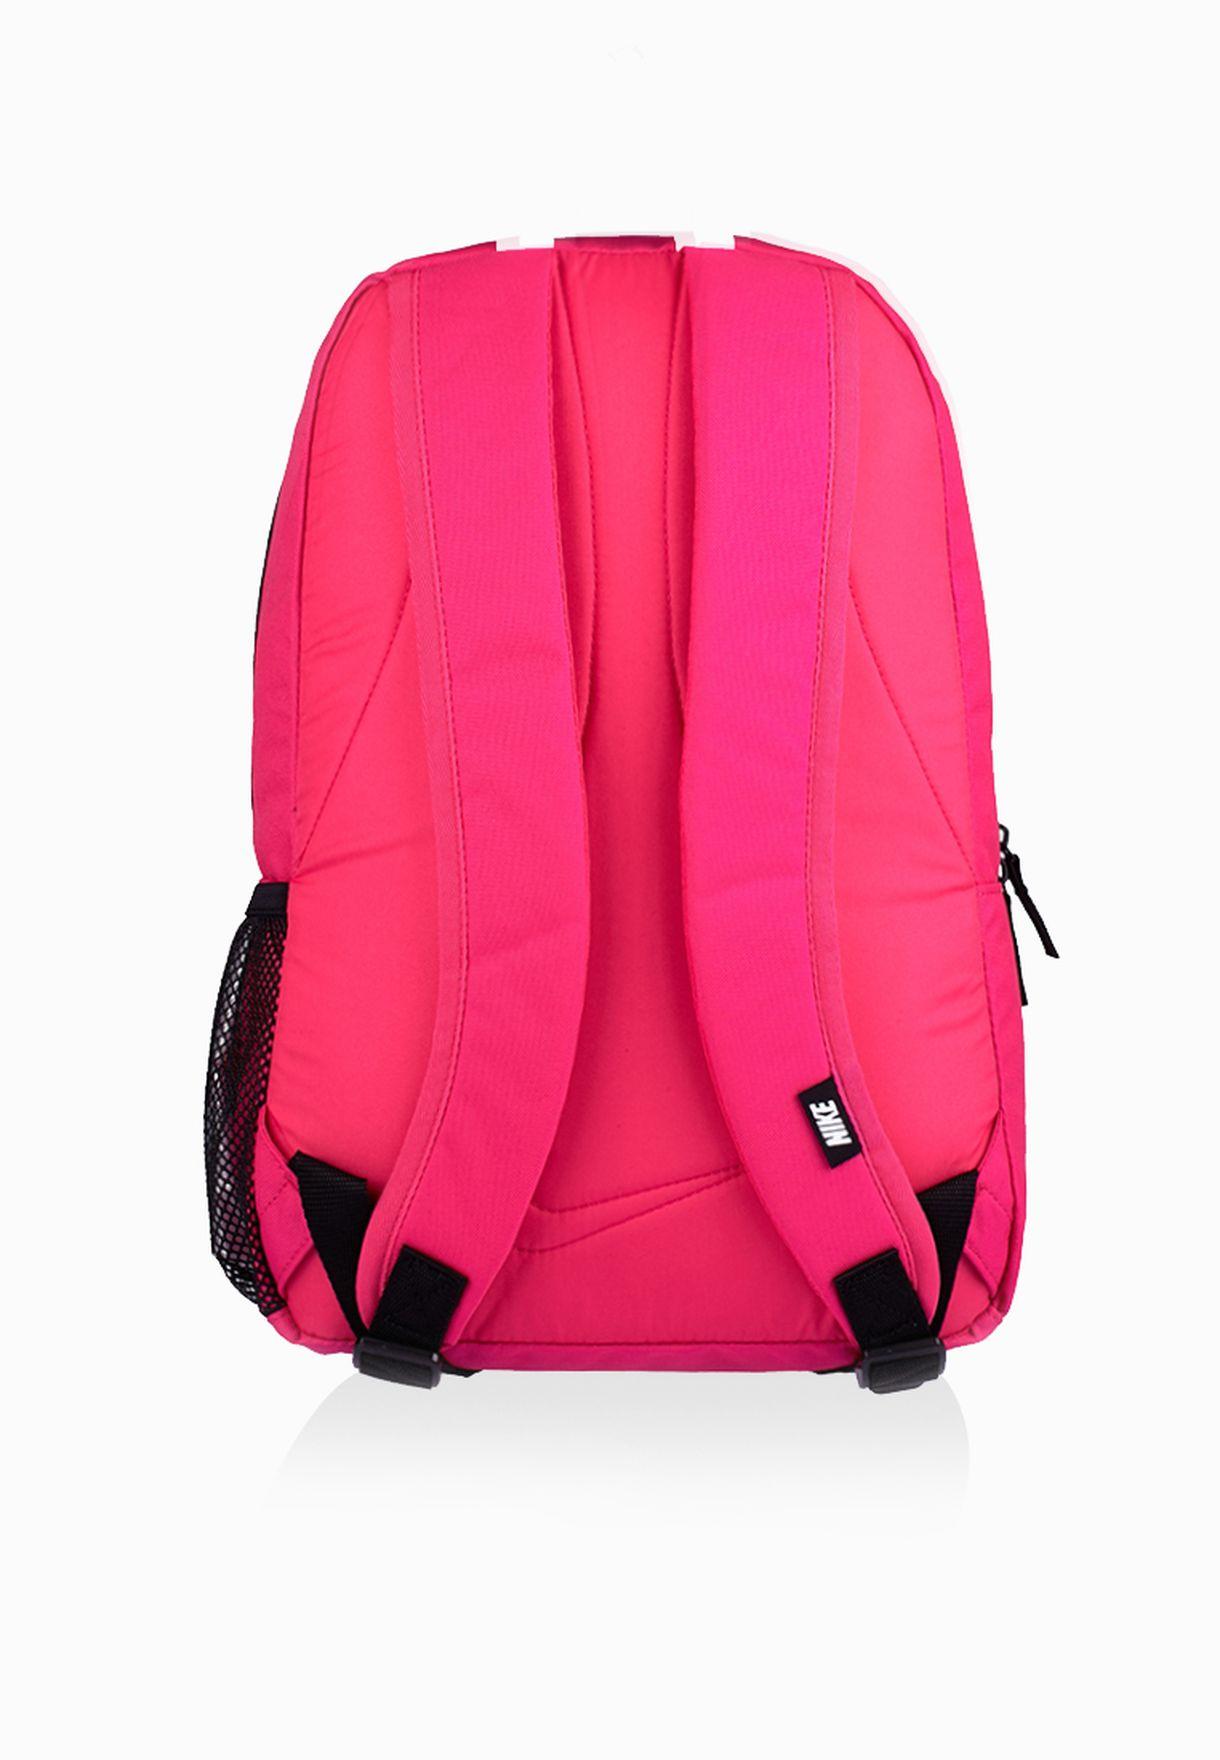 bada884b3c05 Shop Nike pink Classic Turf Backpack BA4865-616 for Women in ...